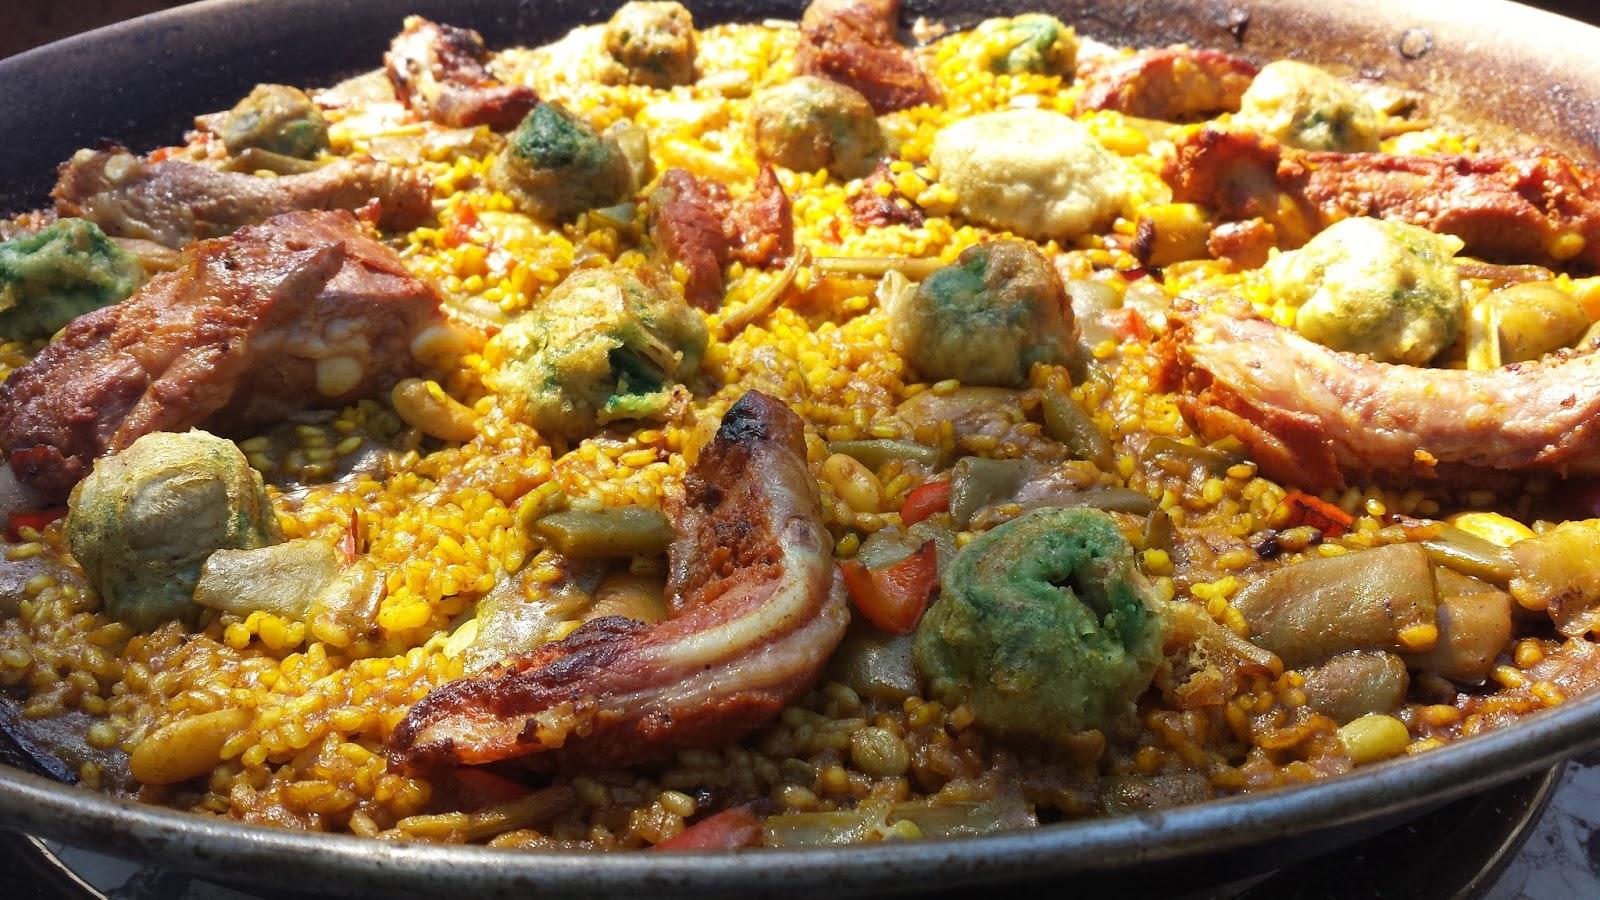 Las comidicas de mamen arroz en paella con costillas adobadas - Arroz con verduras y costillas ...